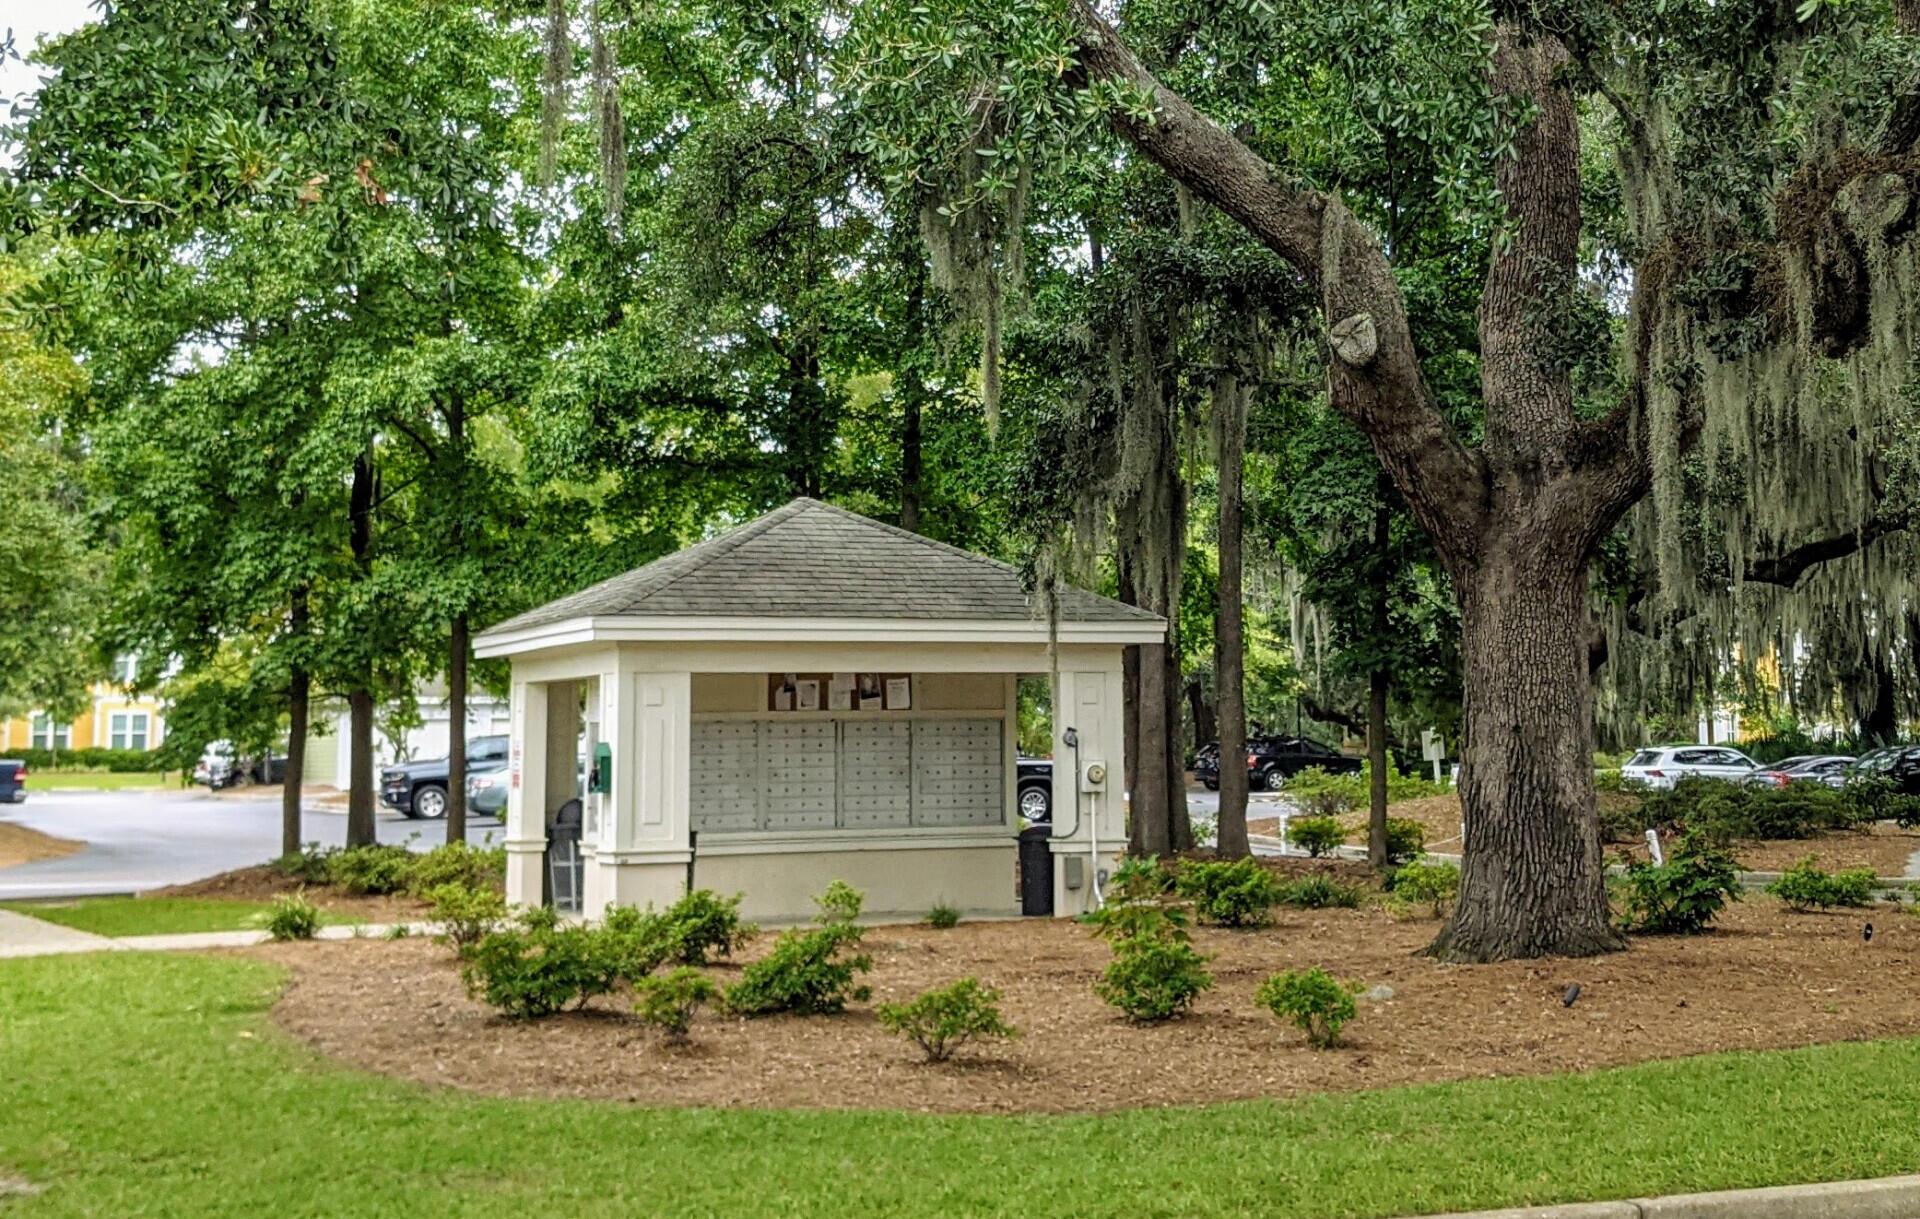 Southampton Pointe Homes For Sale - 2500 Beaucastle, Mount Pleasant, SC - 3